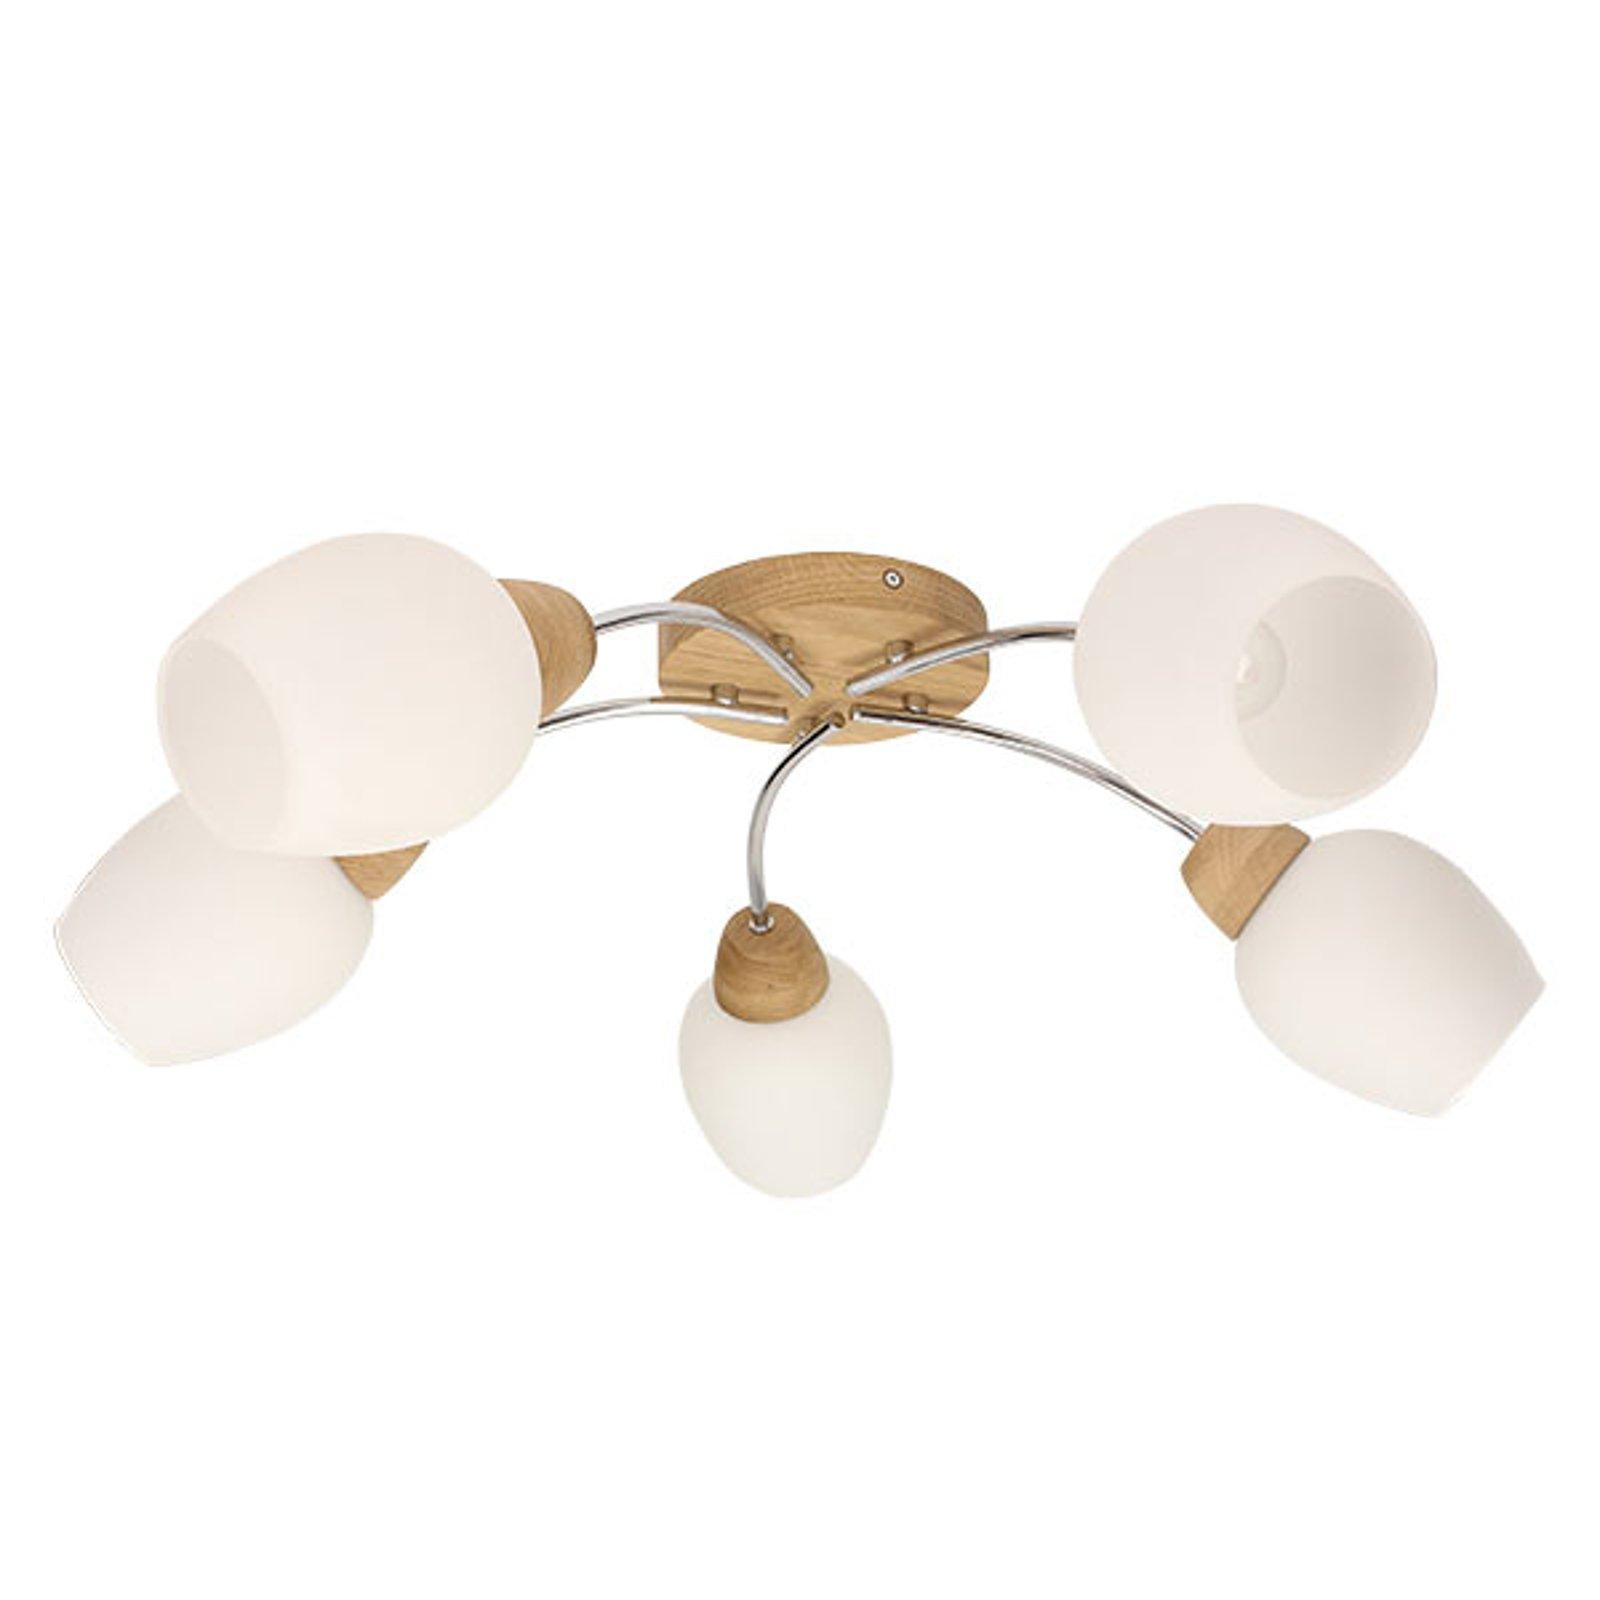 Santa - taklampe i tre, fem glasskjermer